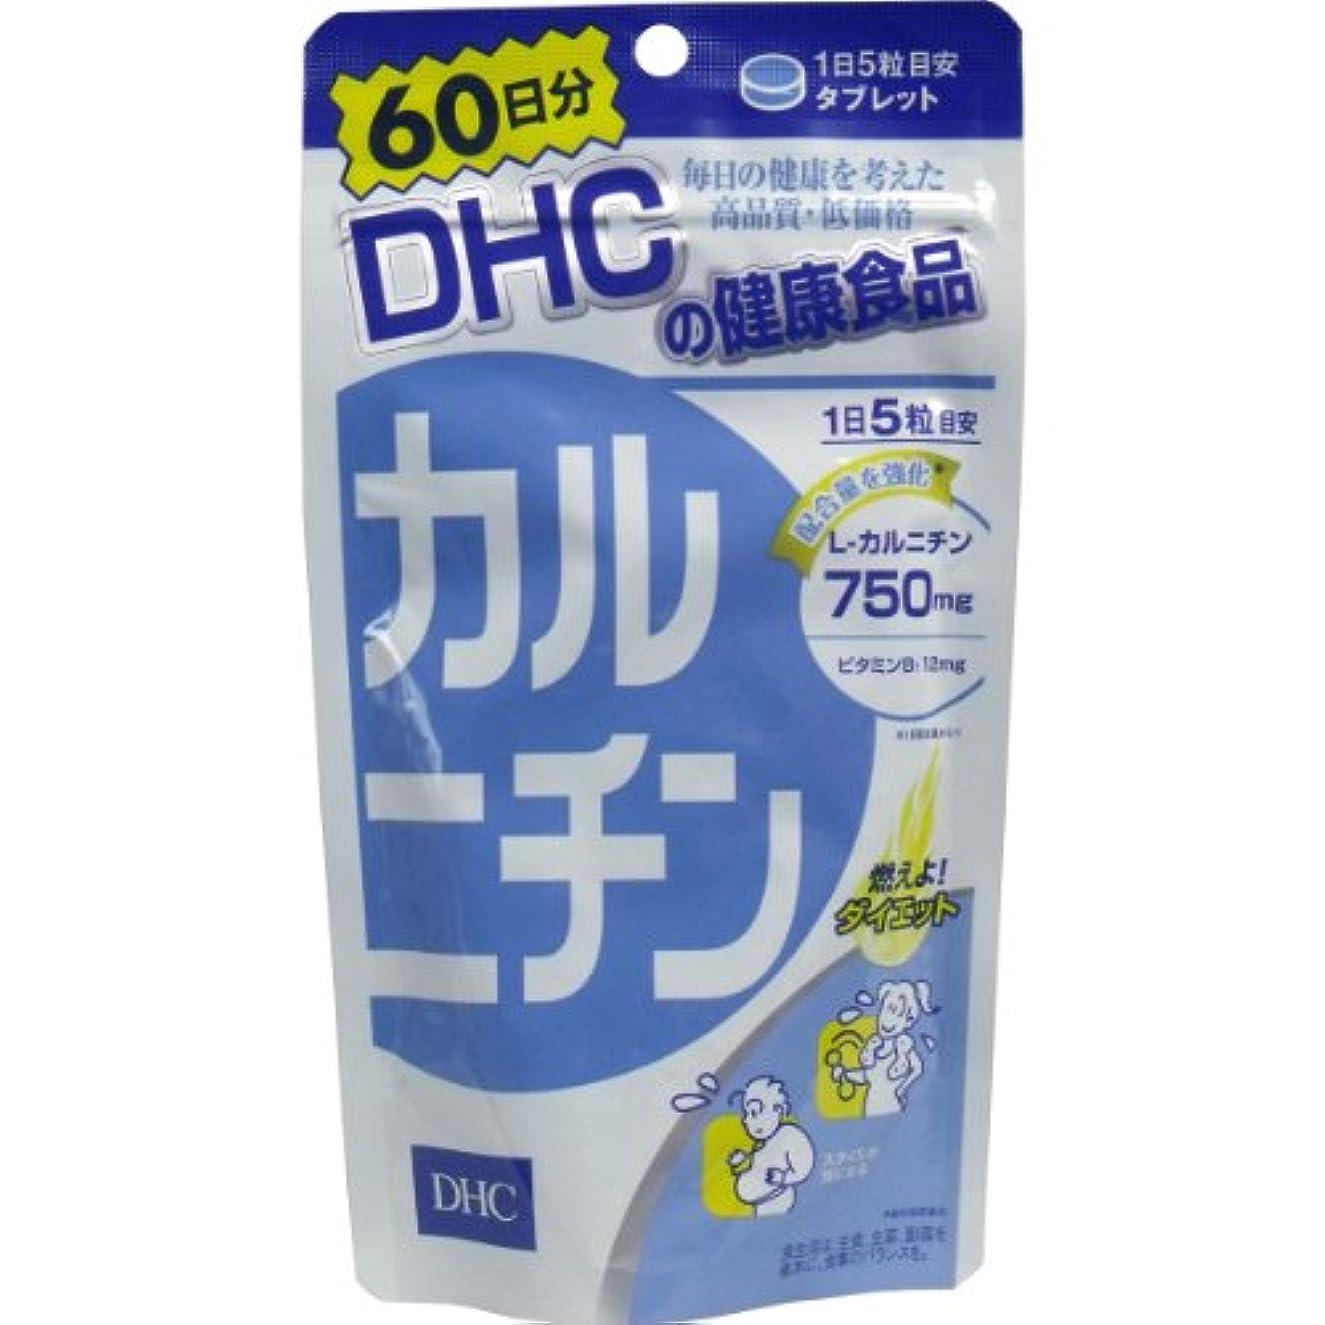 立派なカスケード扇動するDHC カルニチン 300粒入 60日分